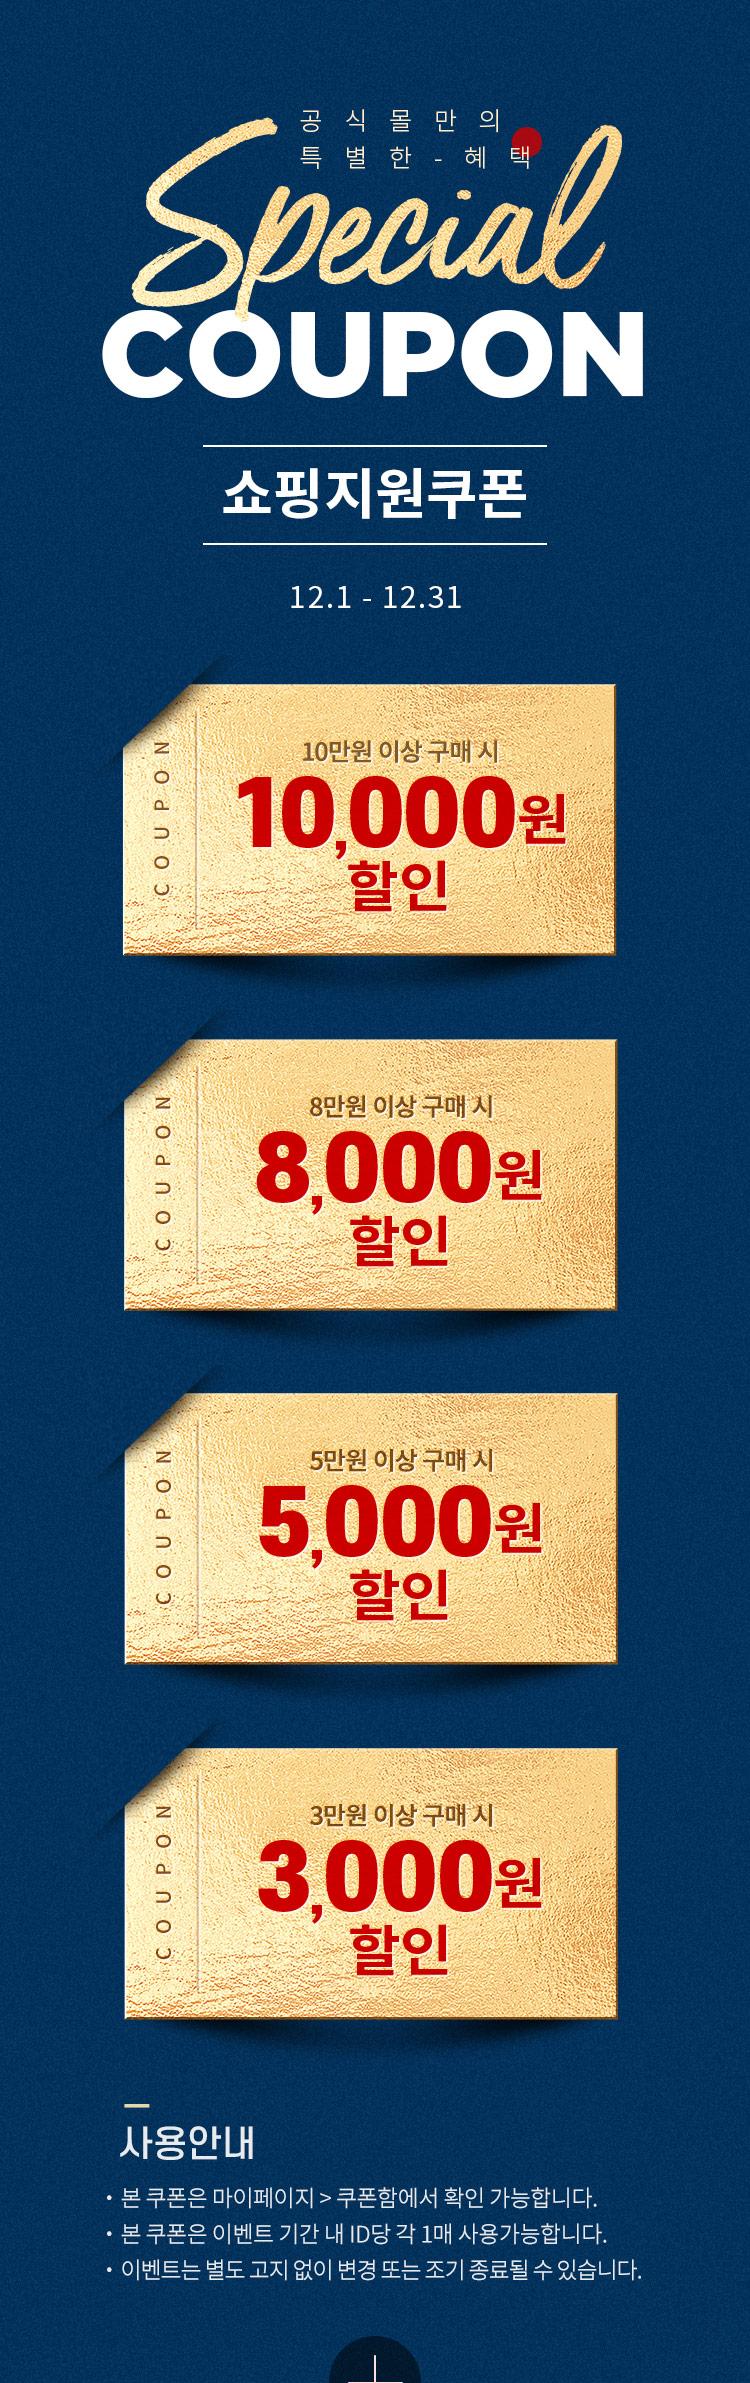 mc_special_coupon_01.jpg